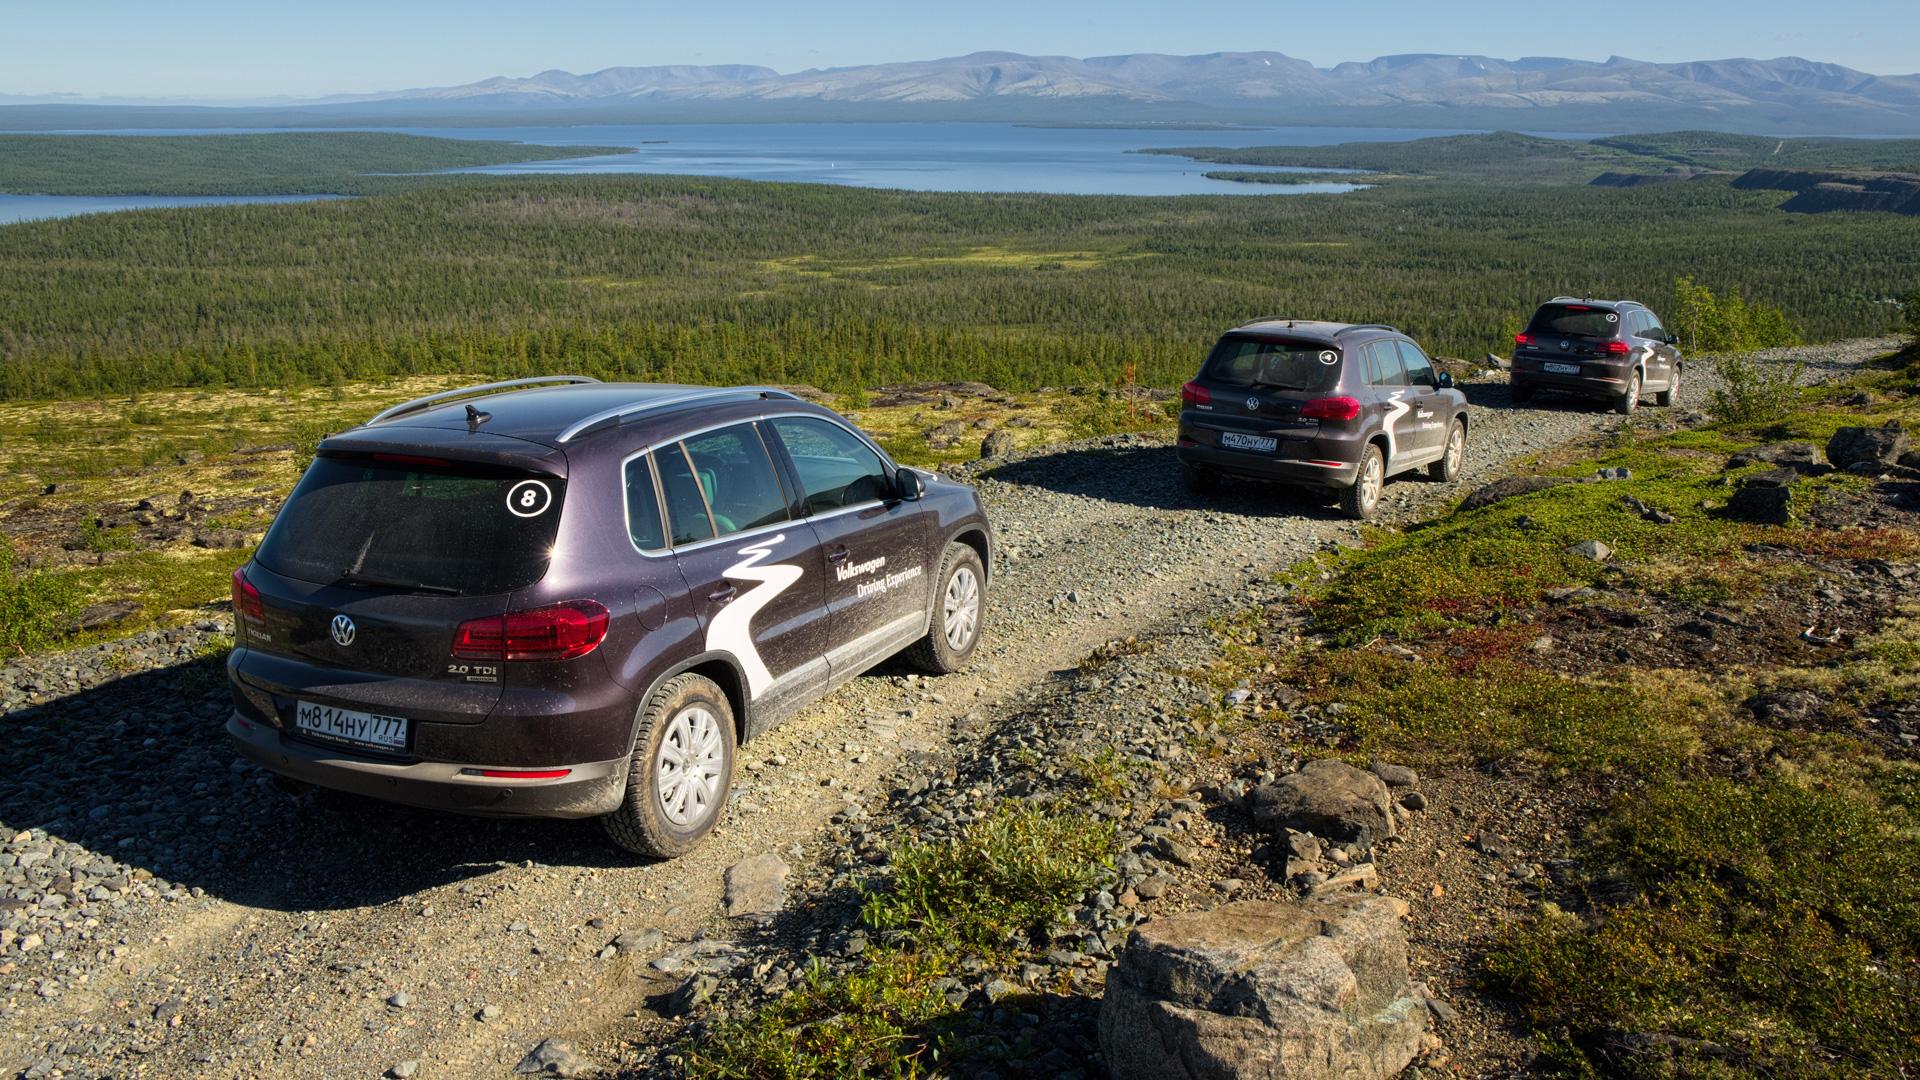 VW Tiguan на Кольском полуострове: Териберка из «Левиафана» и гриб-майор из ФСБ. Фото 3